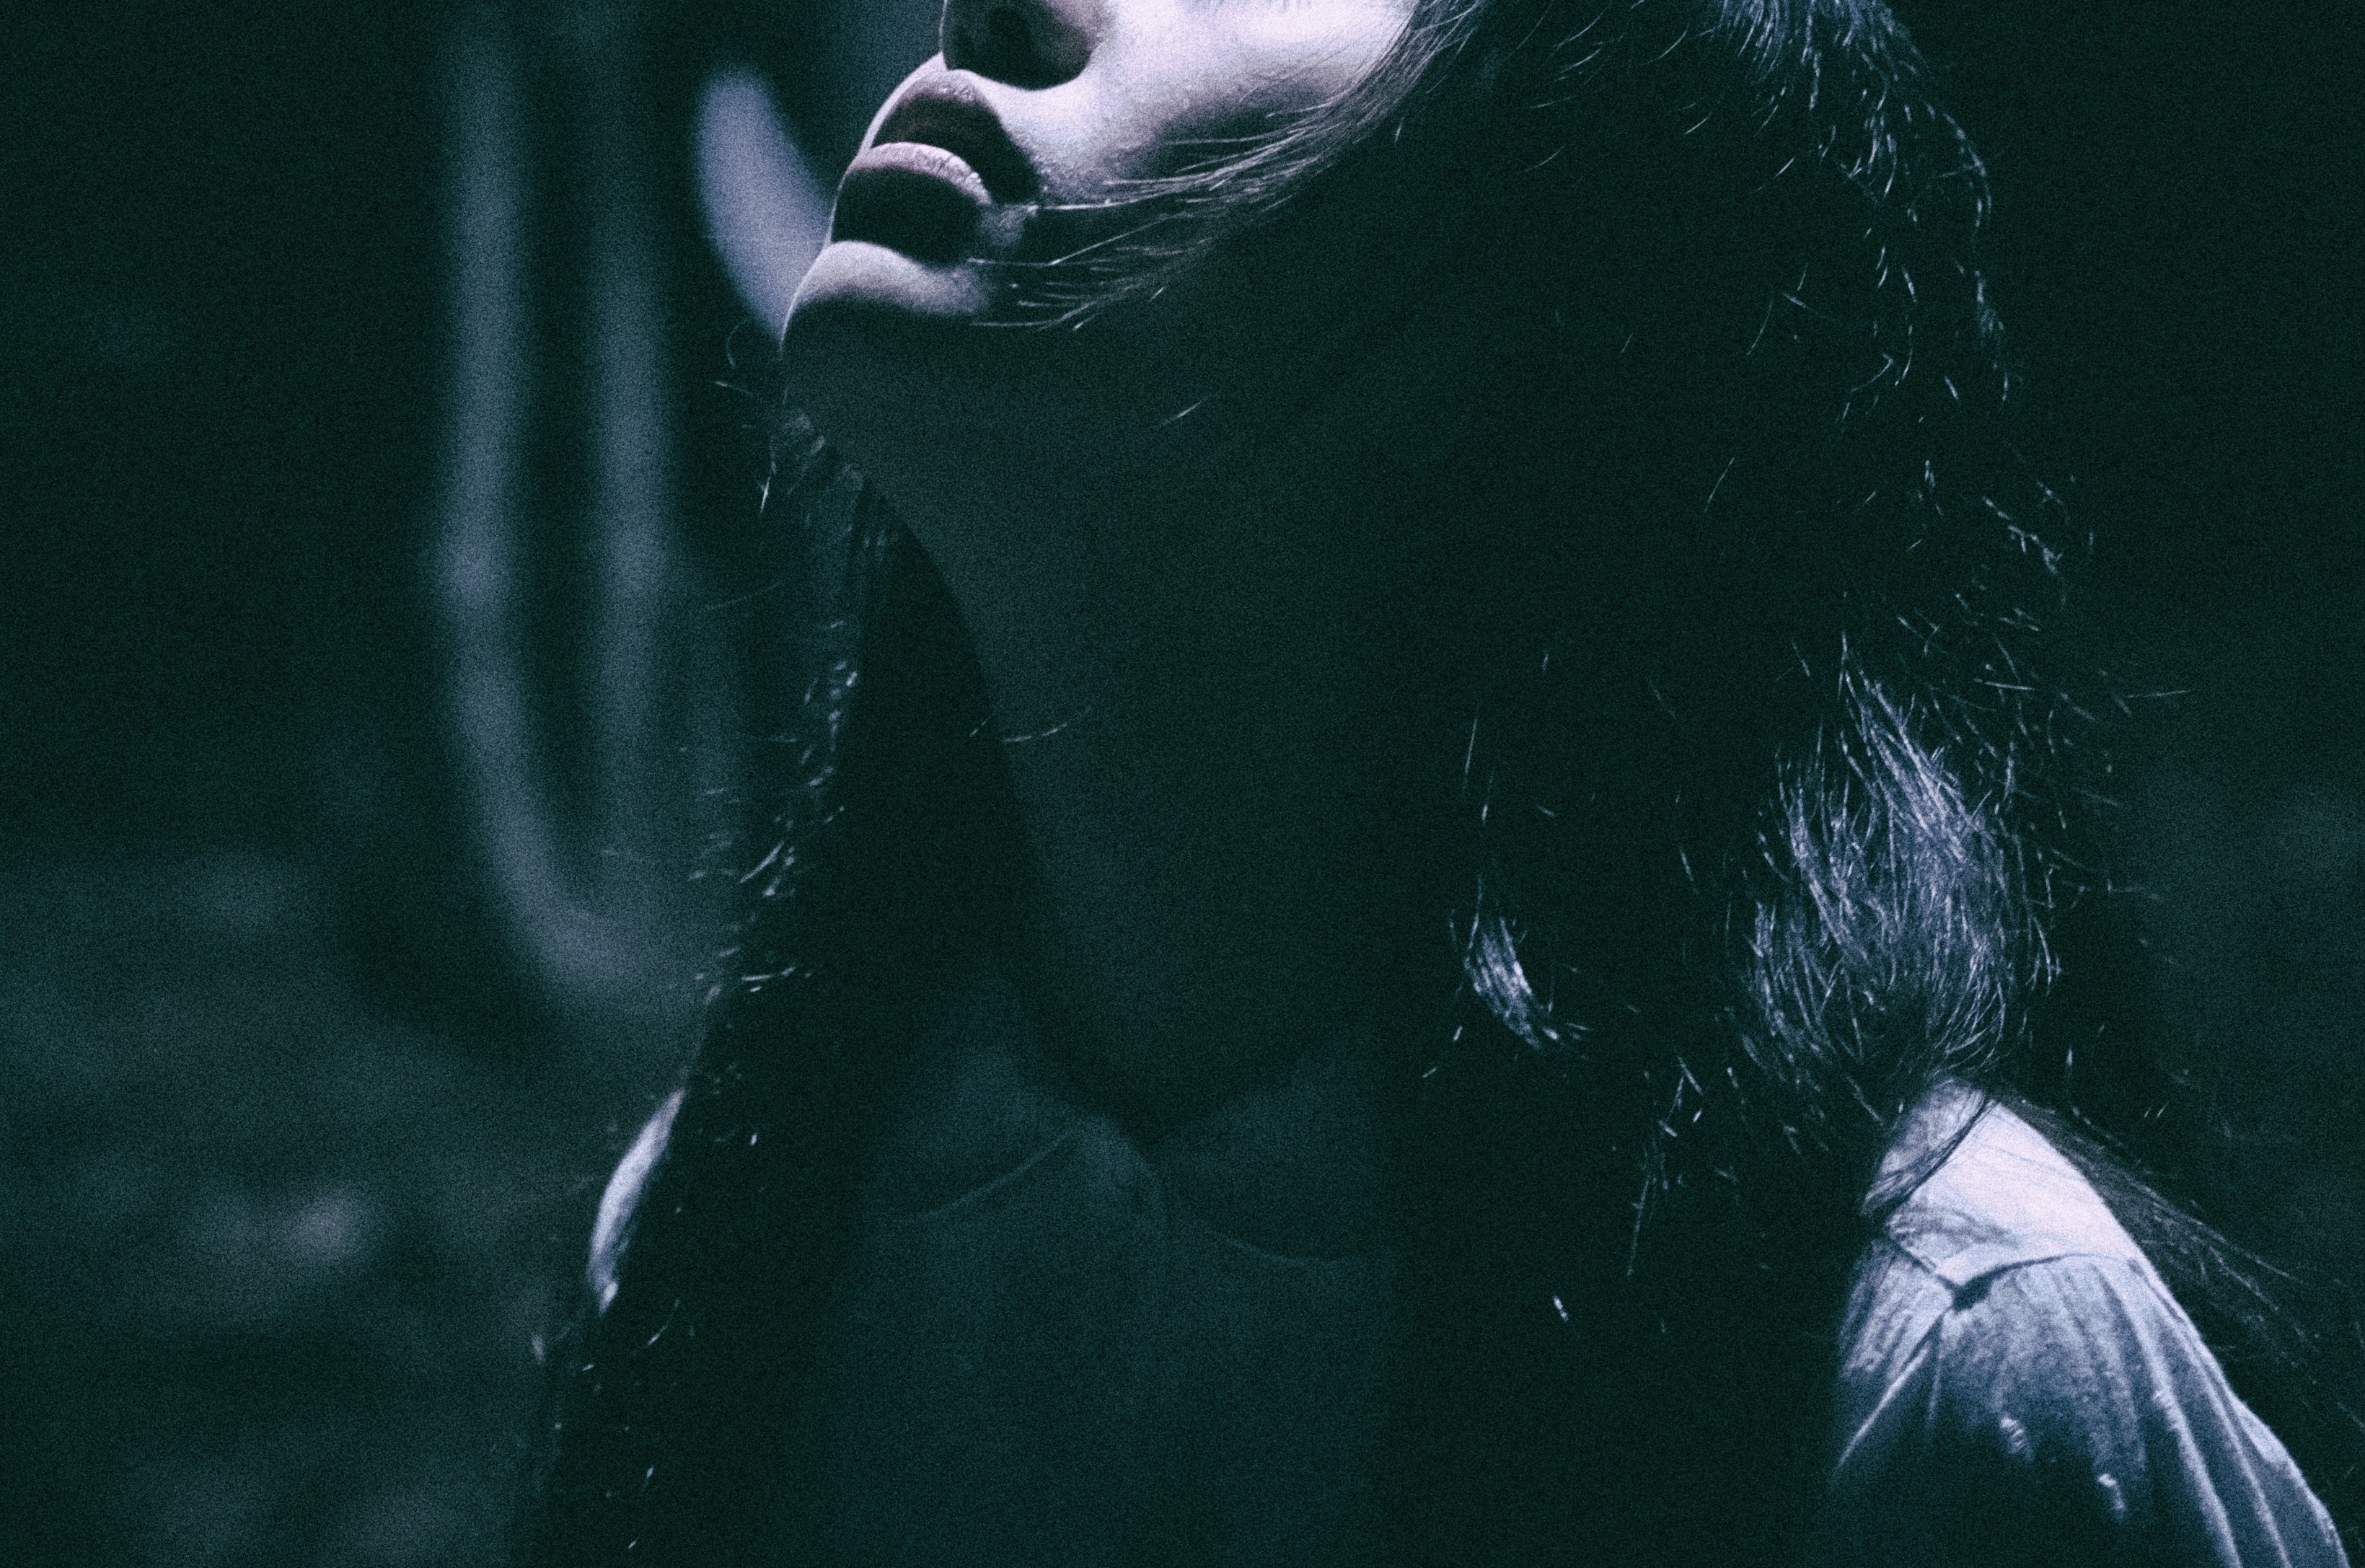 ▲絕望,害怕,恐懼,憂鬱,悲傷,難過,迷惘 。(示意圖/取自免費圖庫Pakutaso)